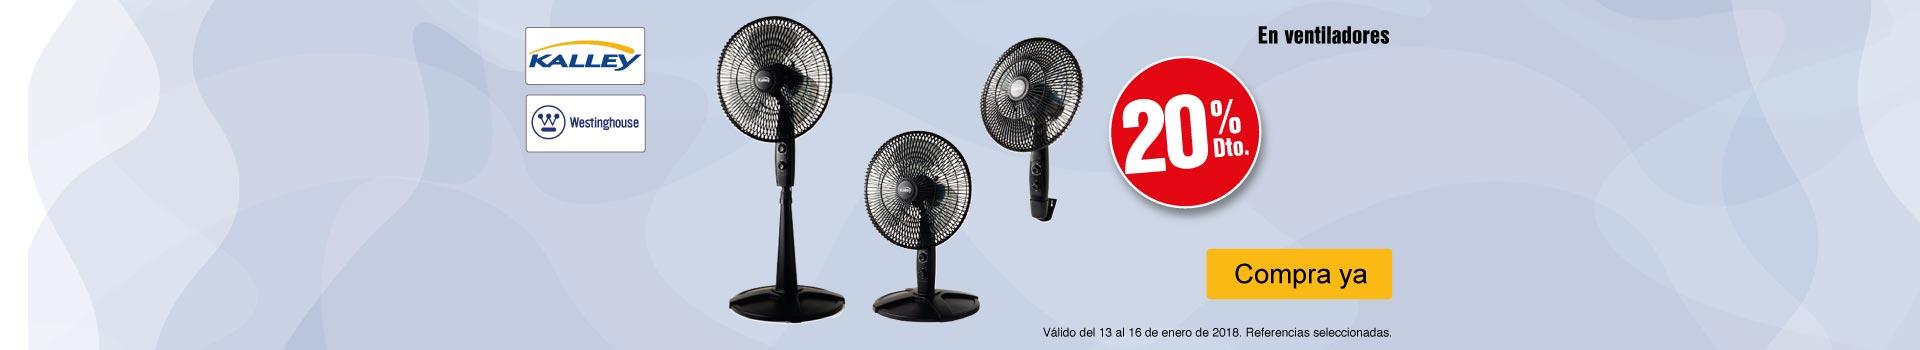 CAT-AK-KT-5-En-ventiladores-ENE-13-16-1